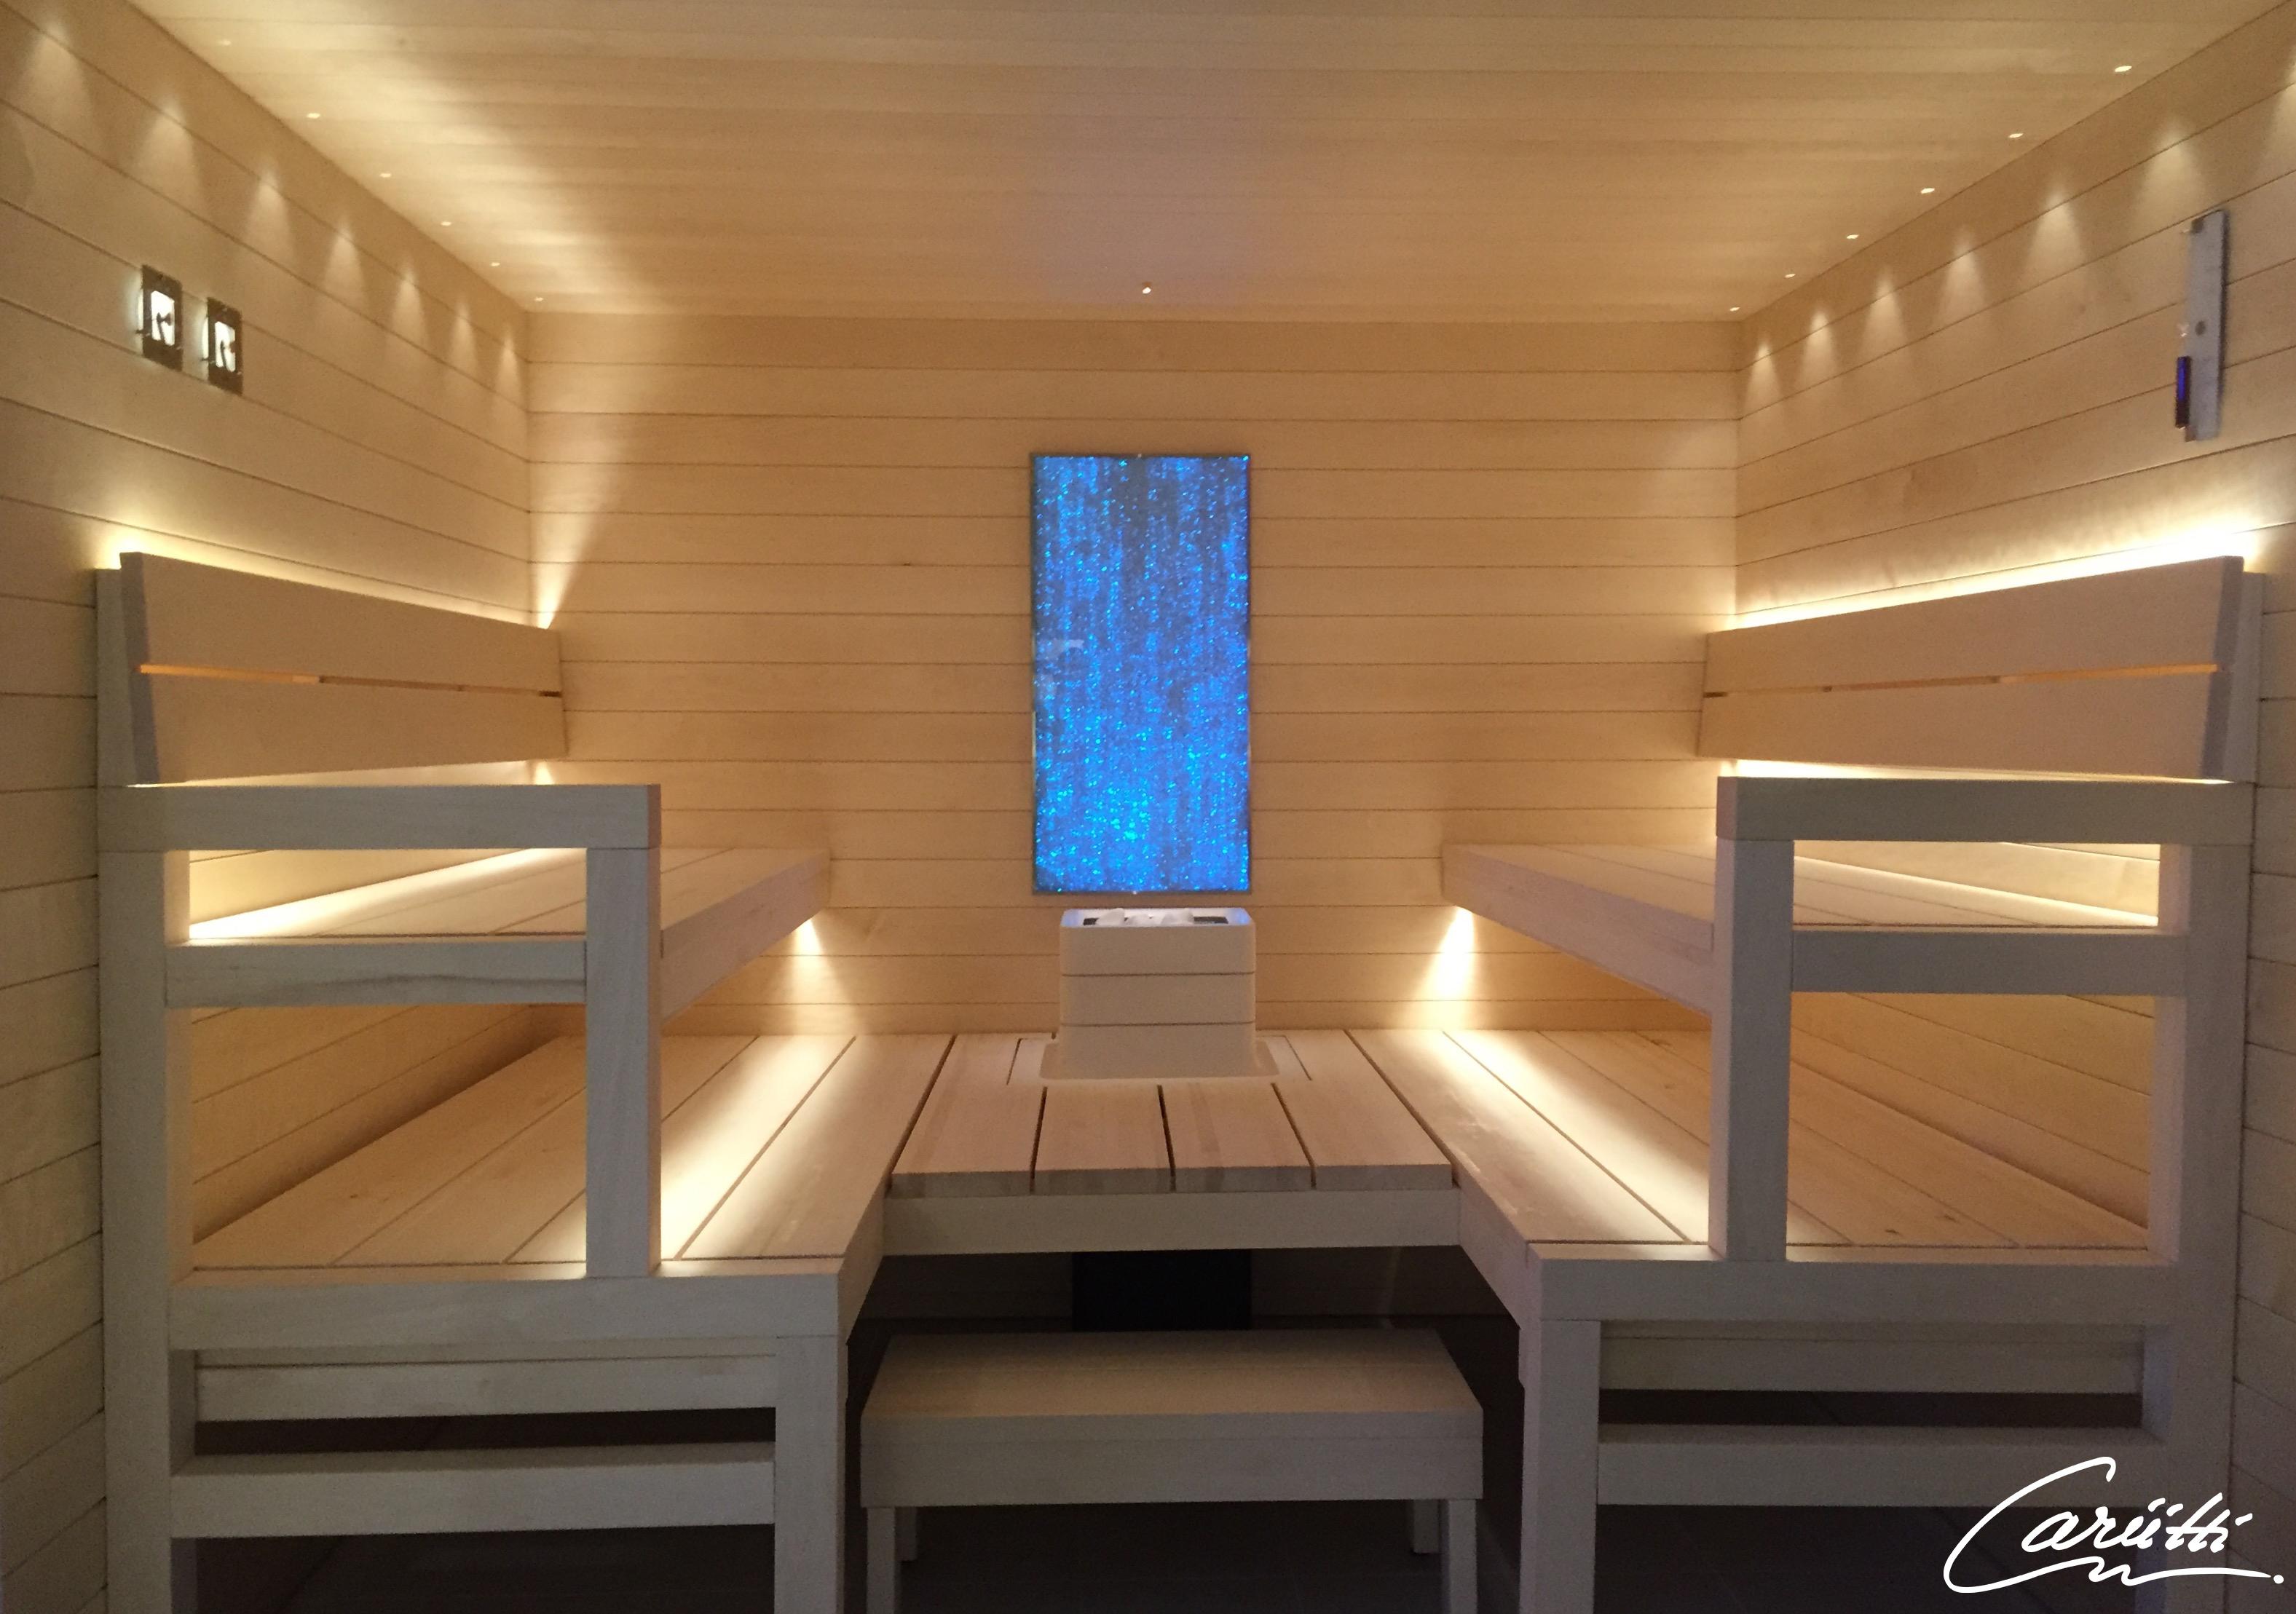 Sauna Linear Led 1m Cariitti